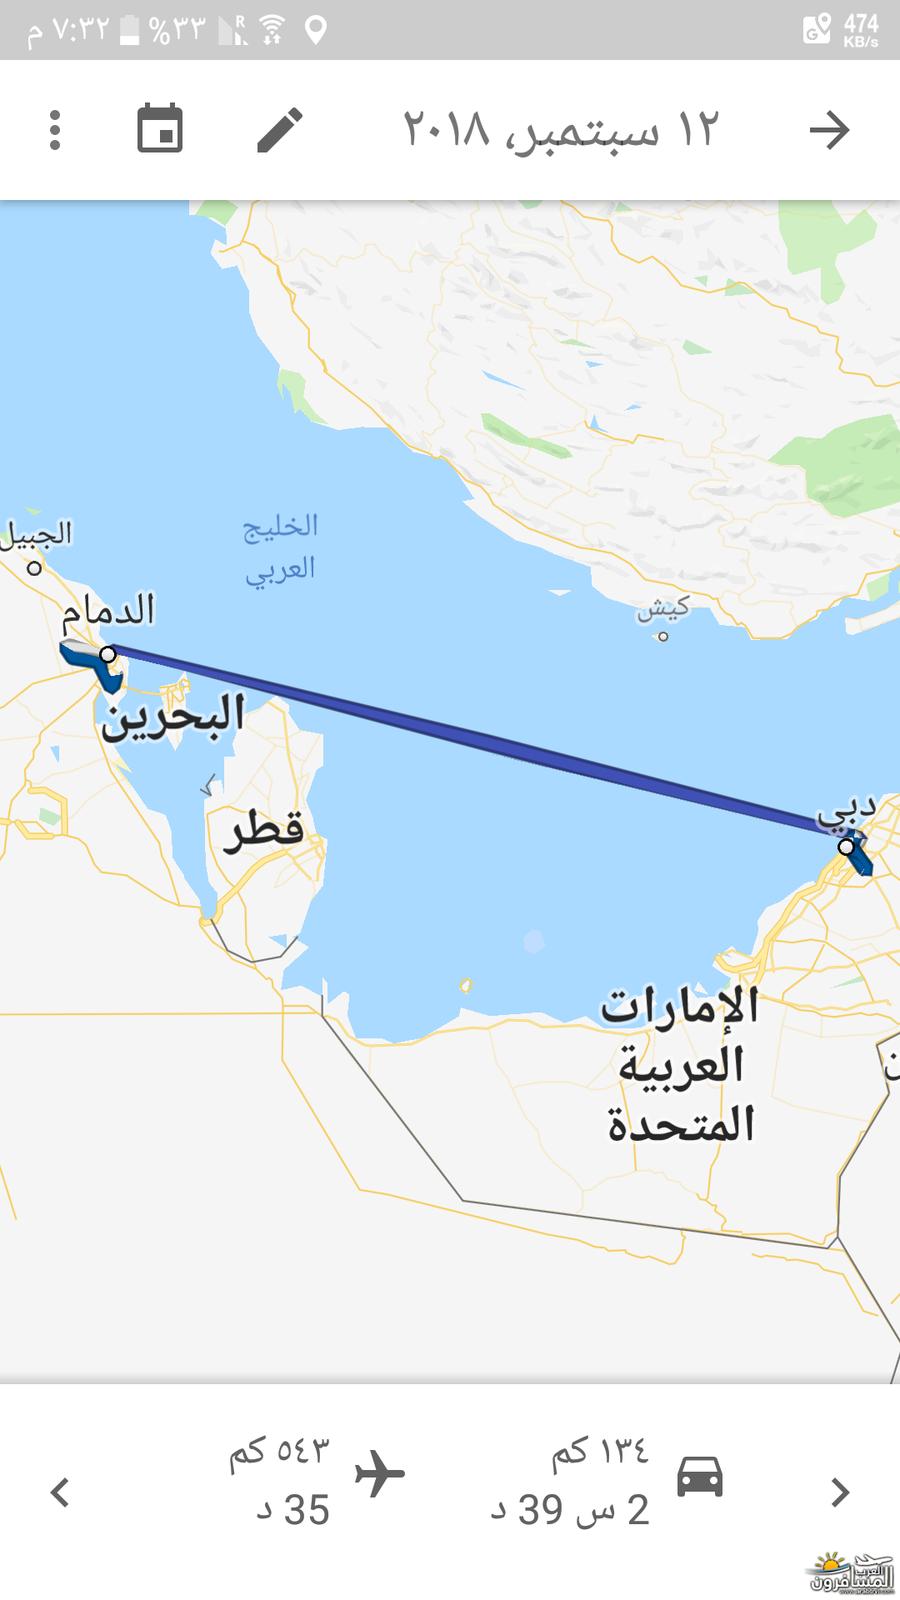 663344 المسافرون العرب مطار دبي الدولي